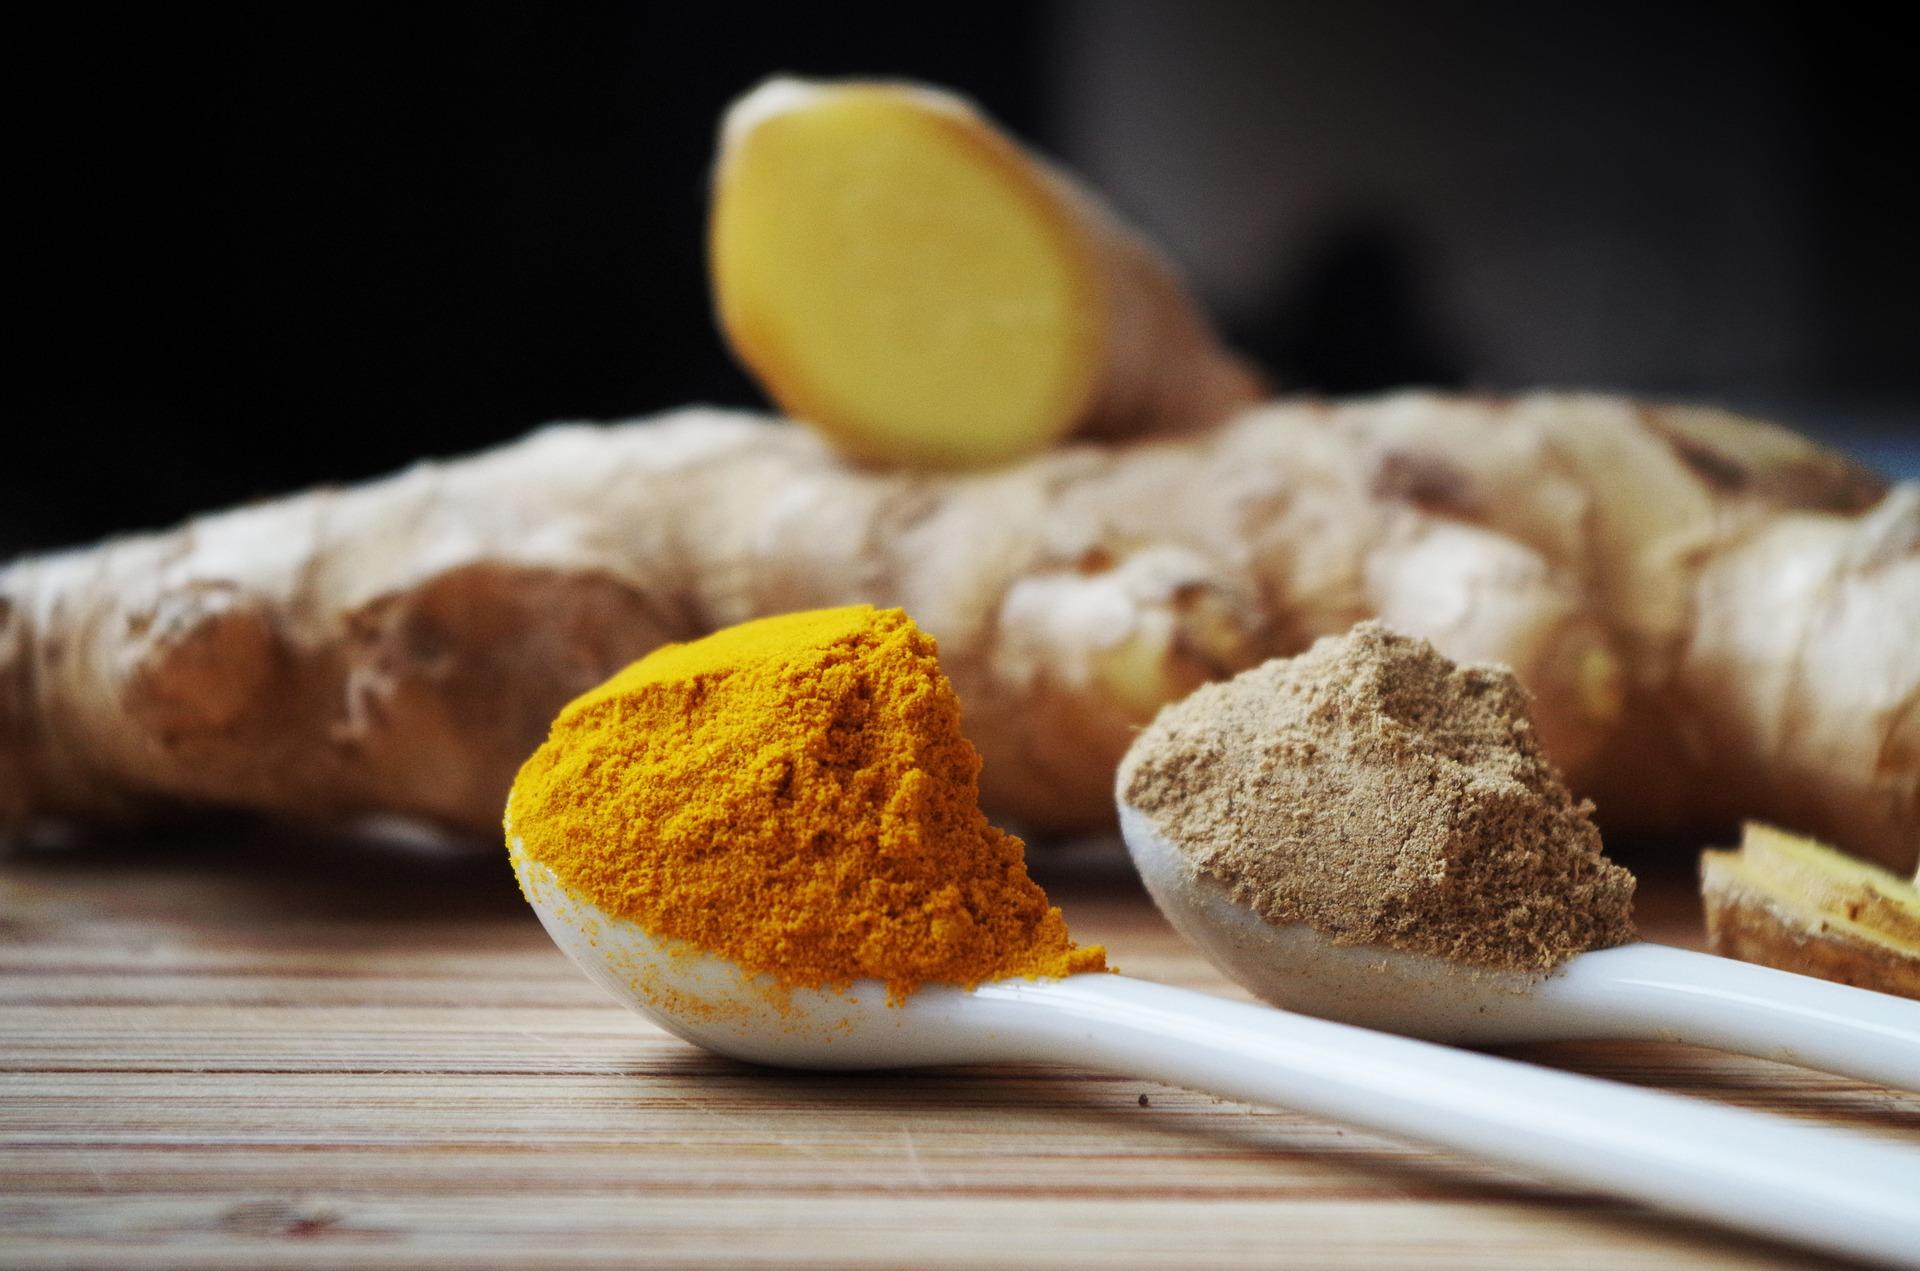 ginger-1191945_1920 turmeric pepper powder